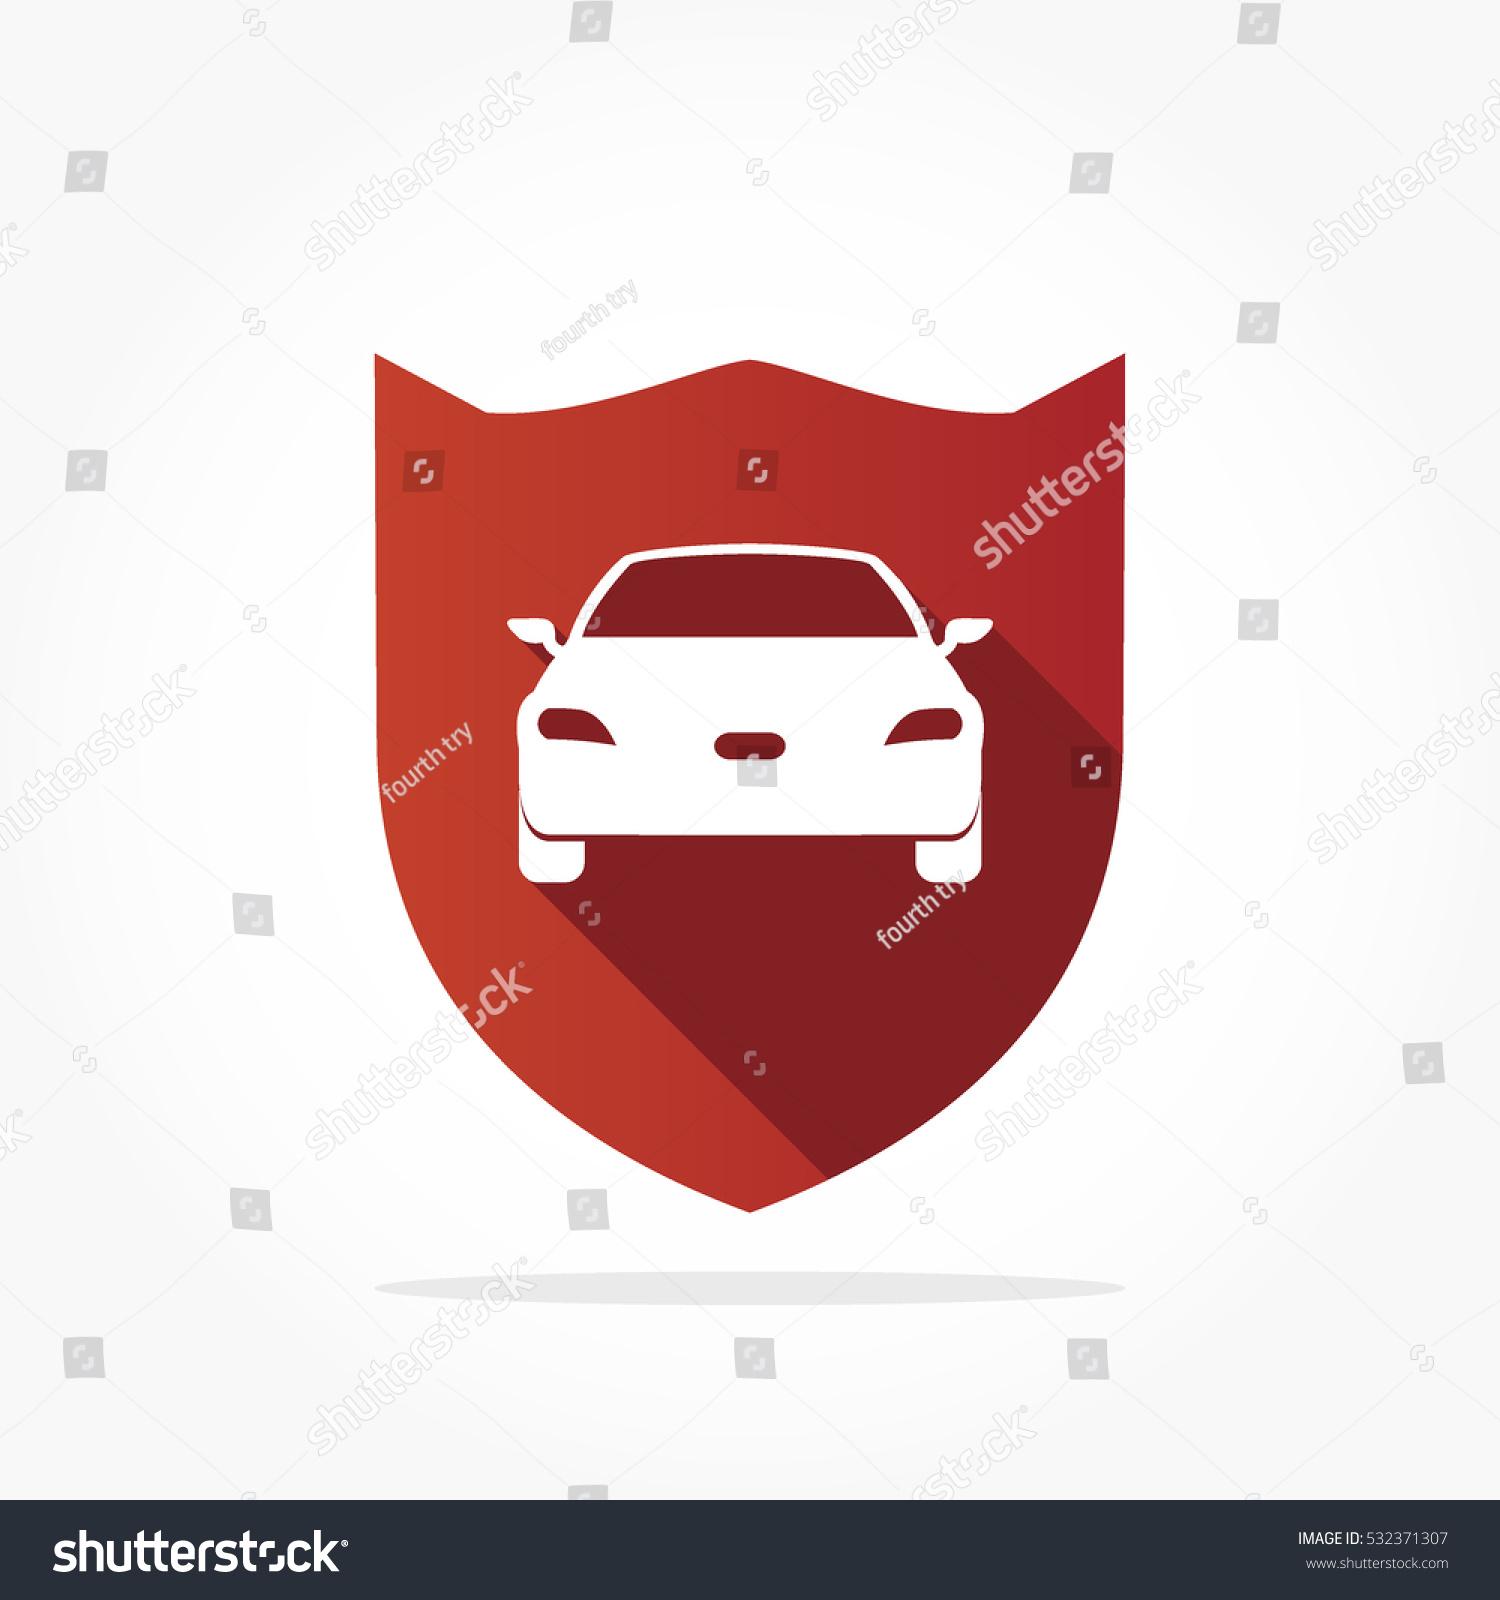 Simple Flat Red Shield White Car Stock Vektorgrafik Lizenzfrei